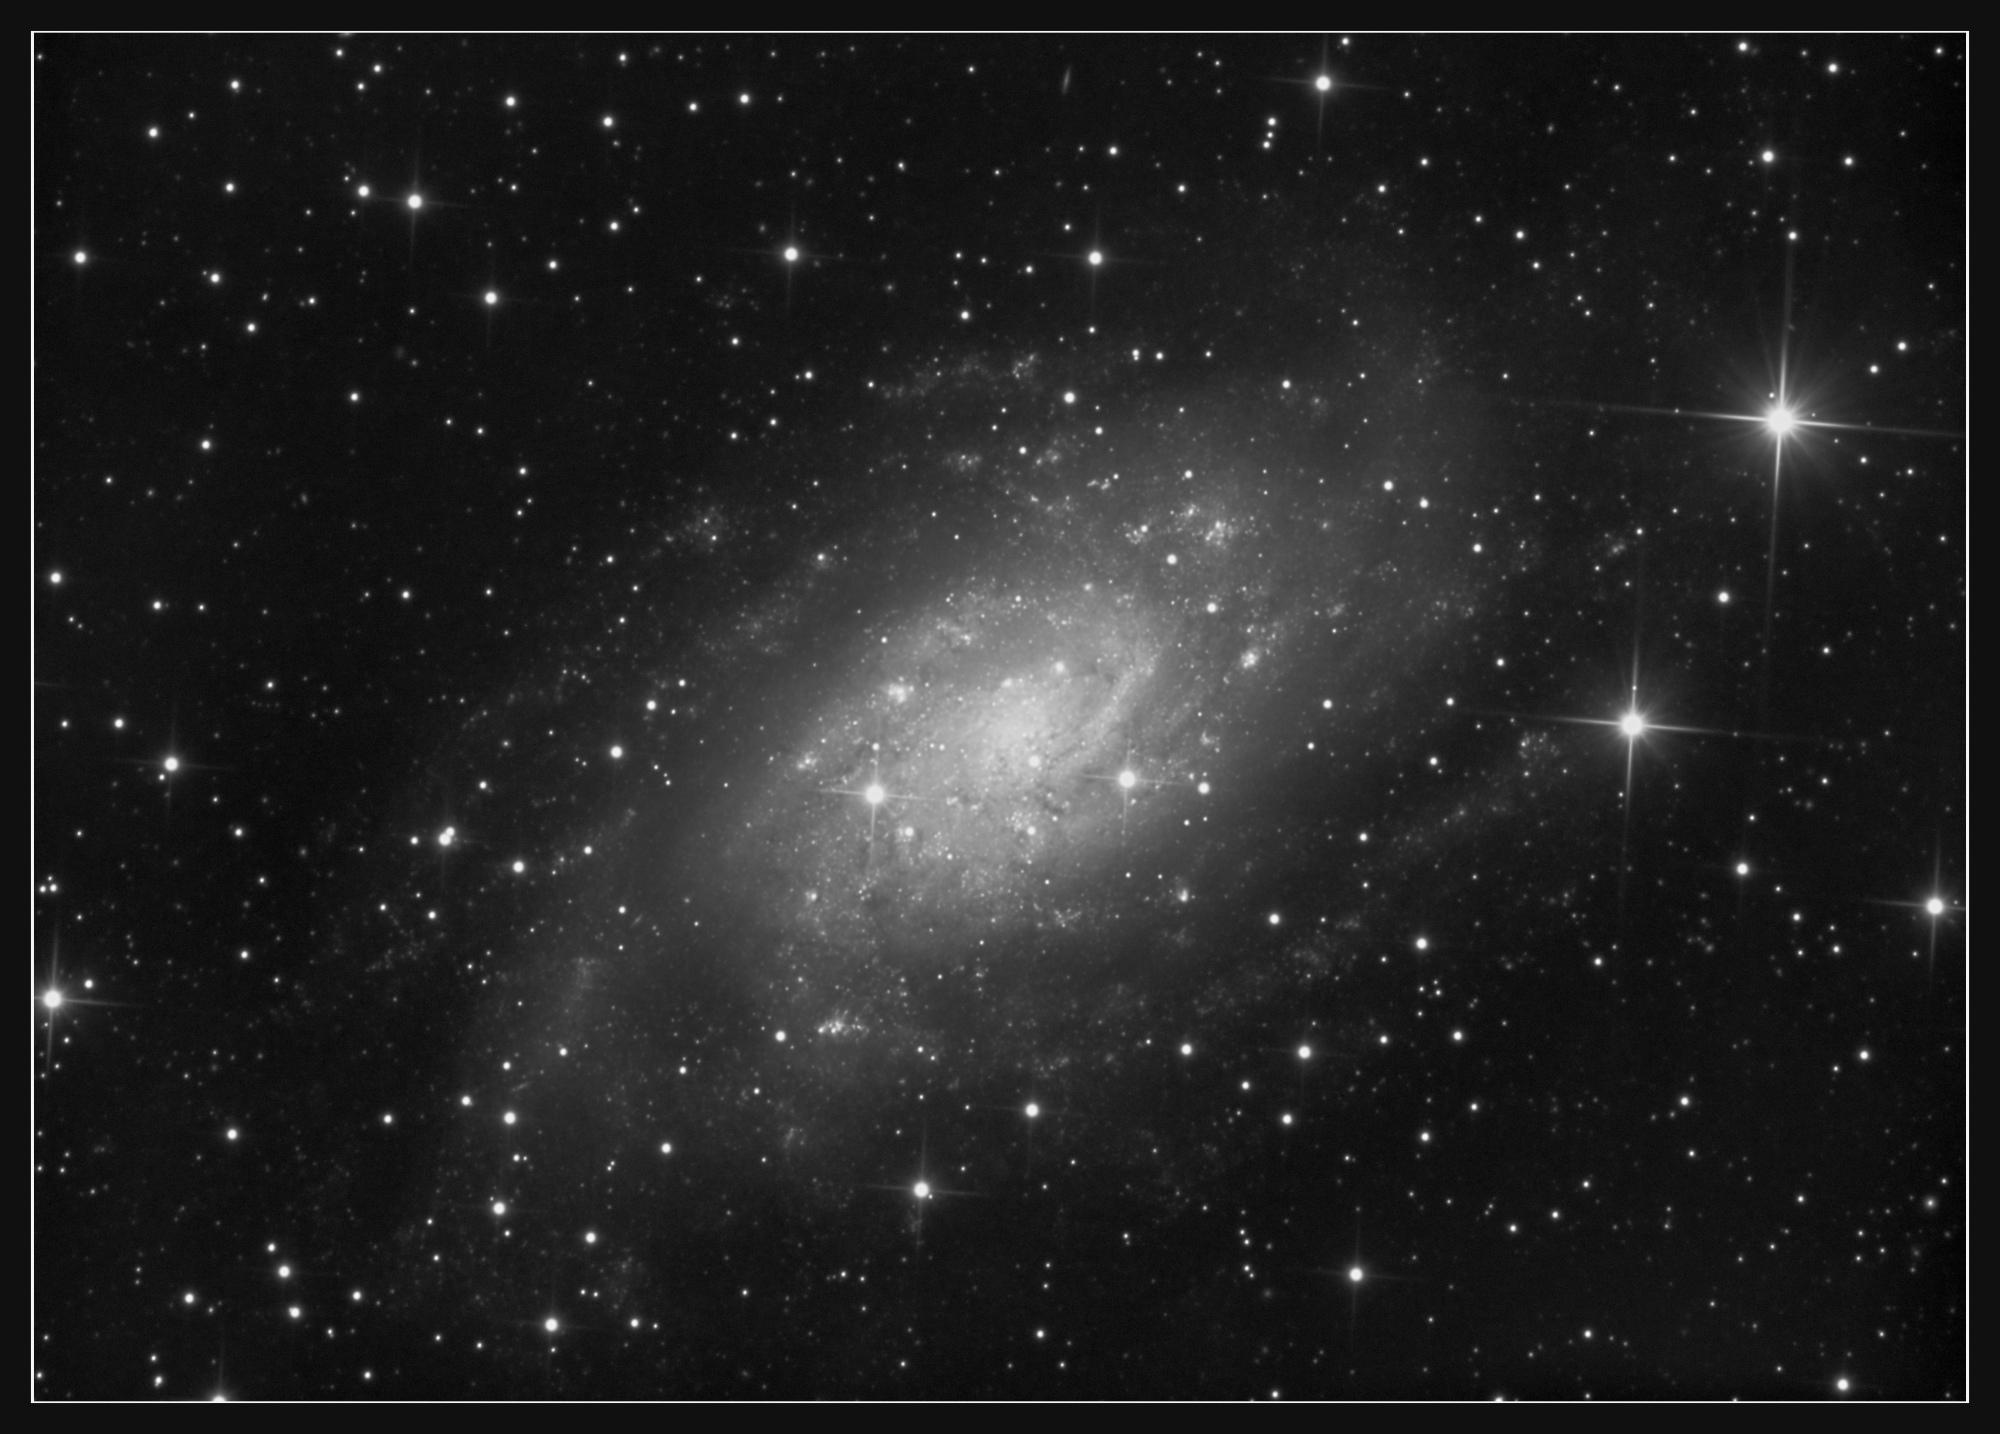 5e3728a0988fc_NGC2403_202001_6.5h_Pix_c.thumb.jpg.549f53ffe9aa64b4473e80e98341cced.jpg